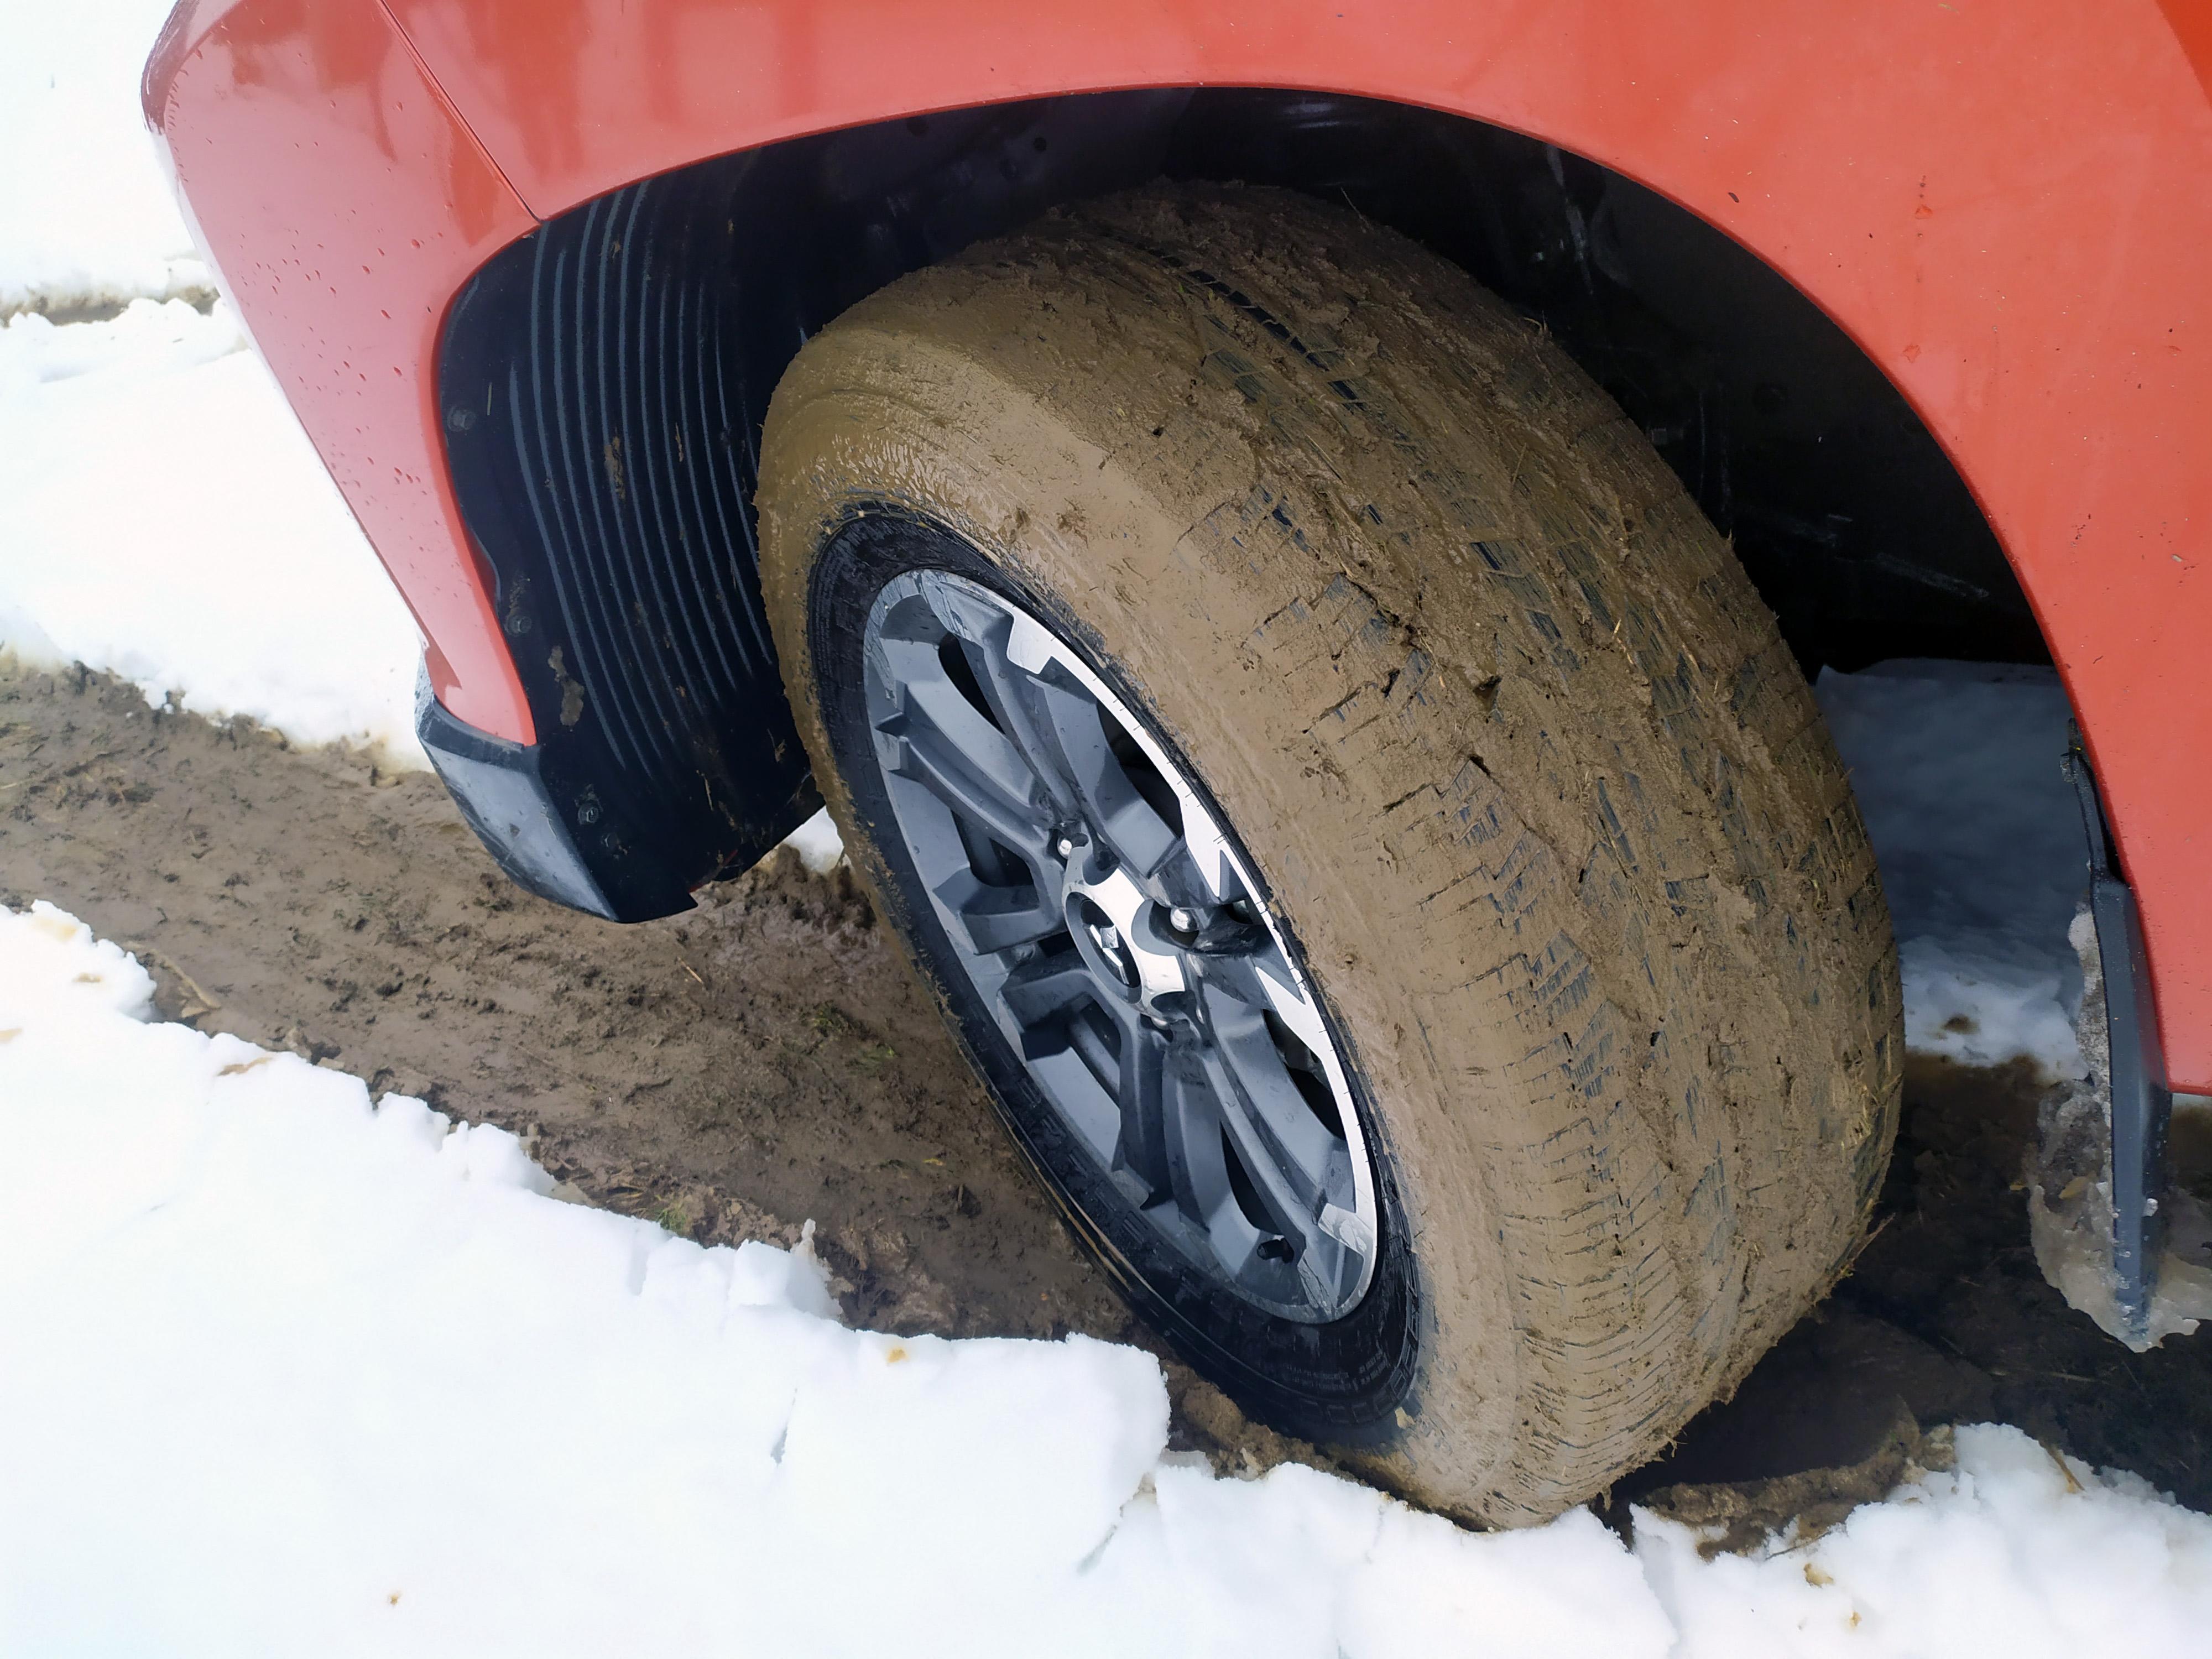 Meniť sady alebo používať celoročné pneumatiky?